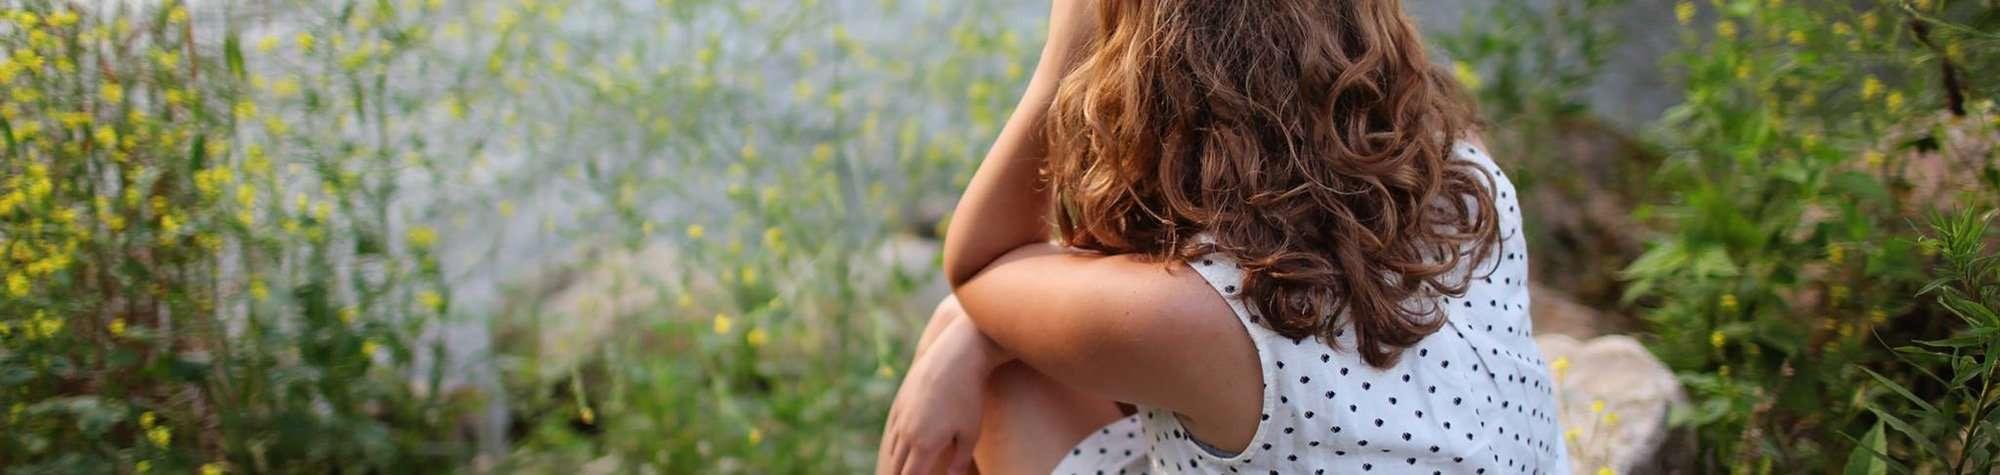 Hoe kun je stress verminderen?